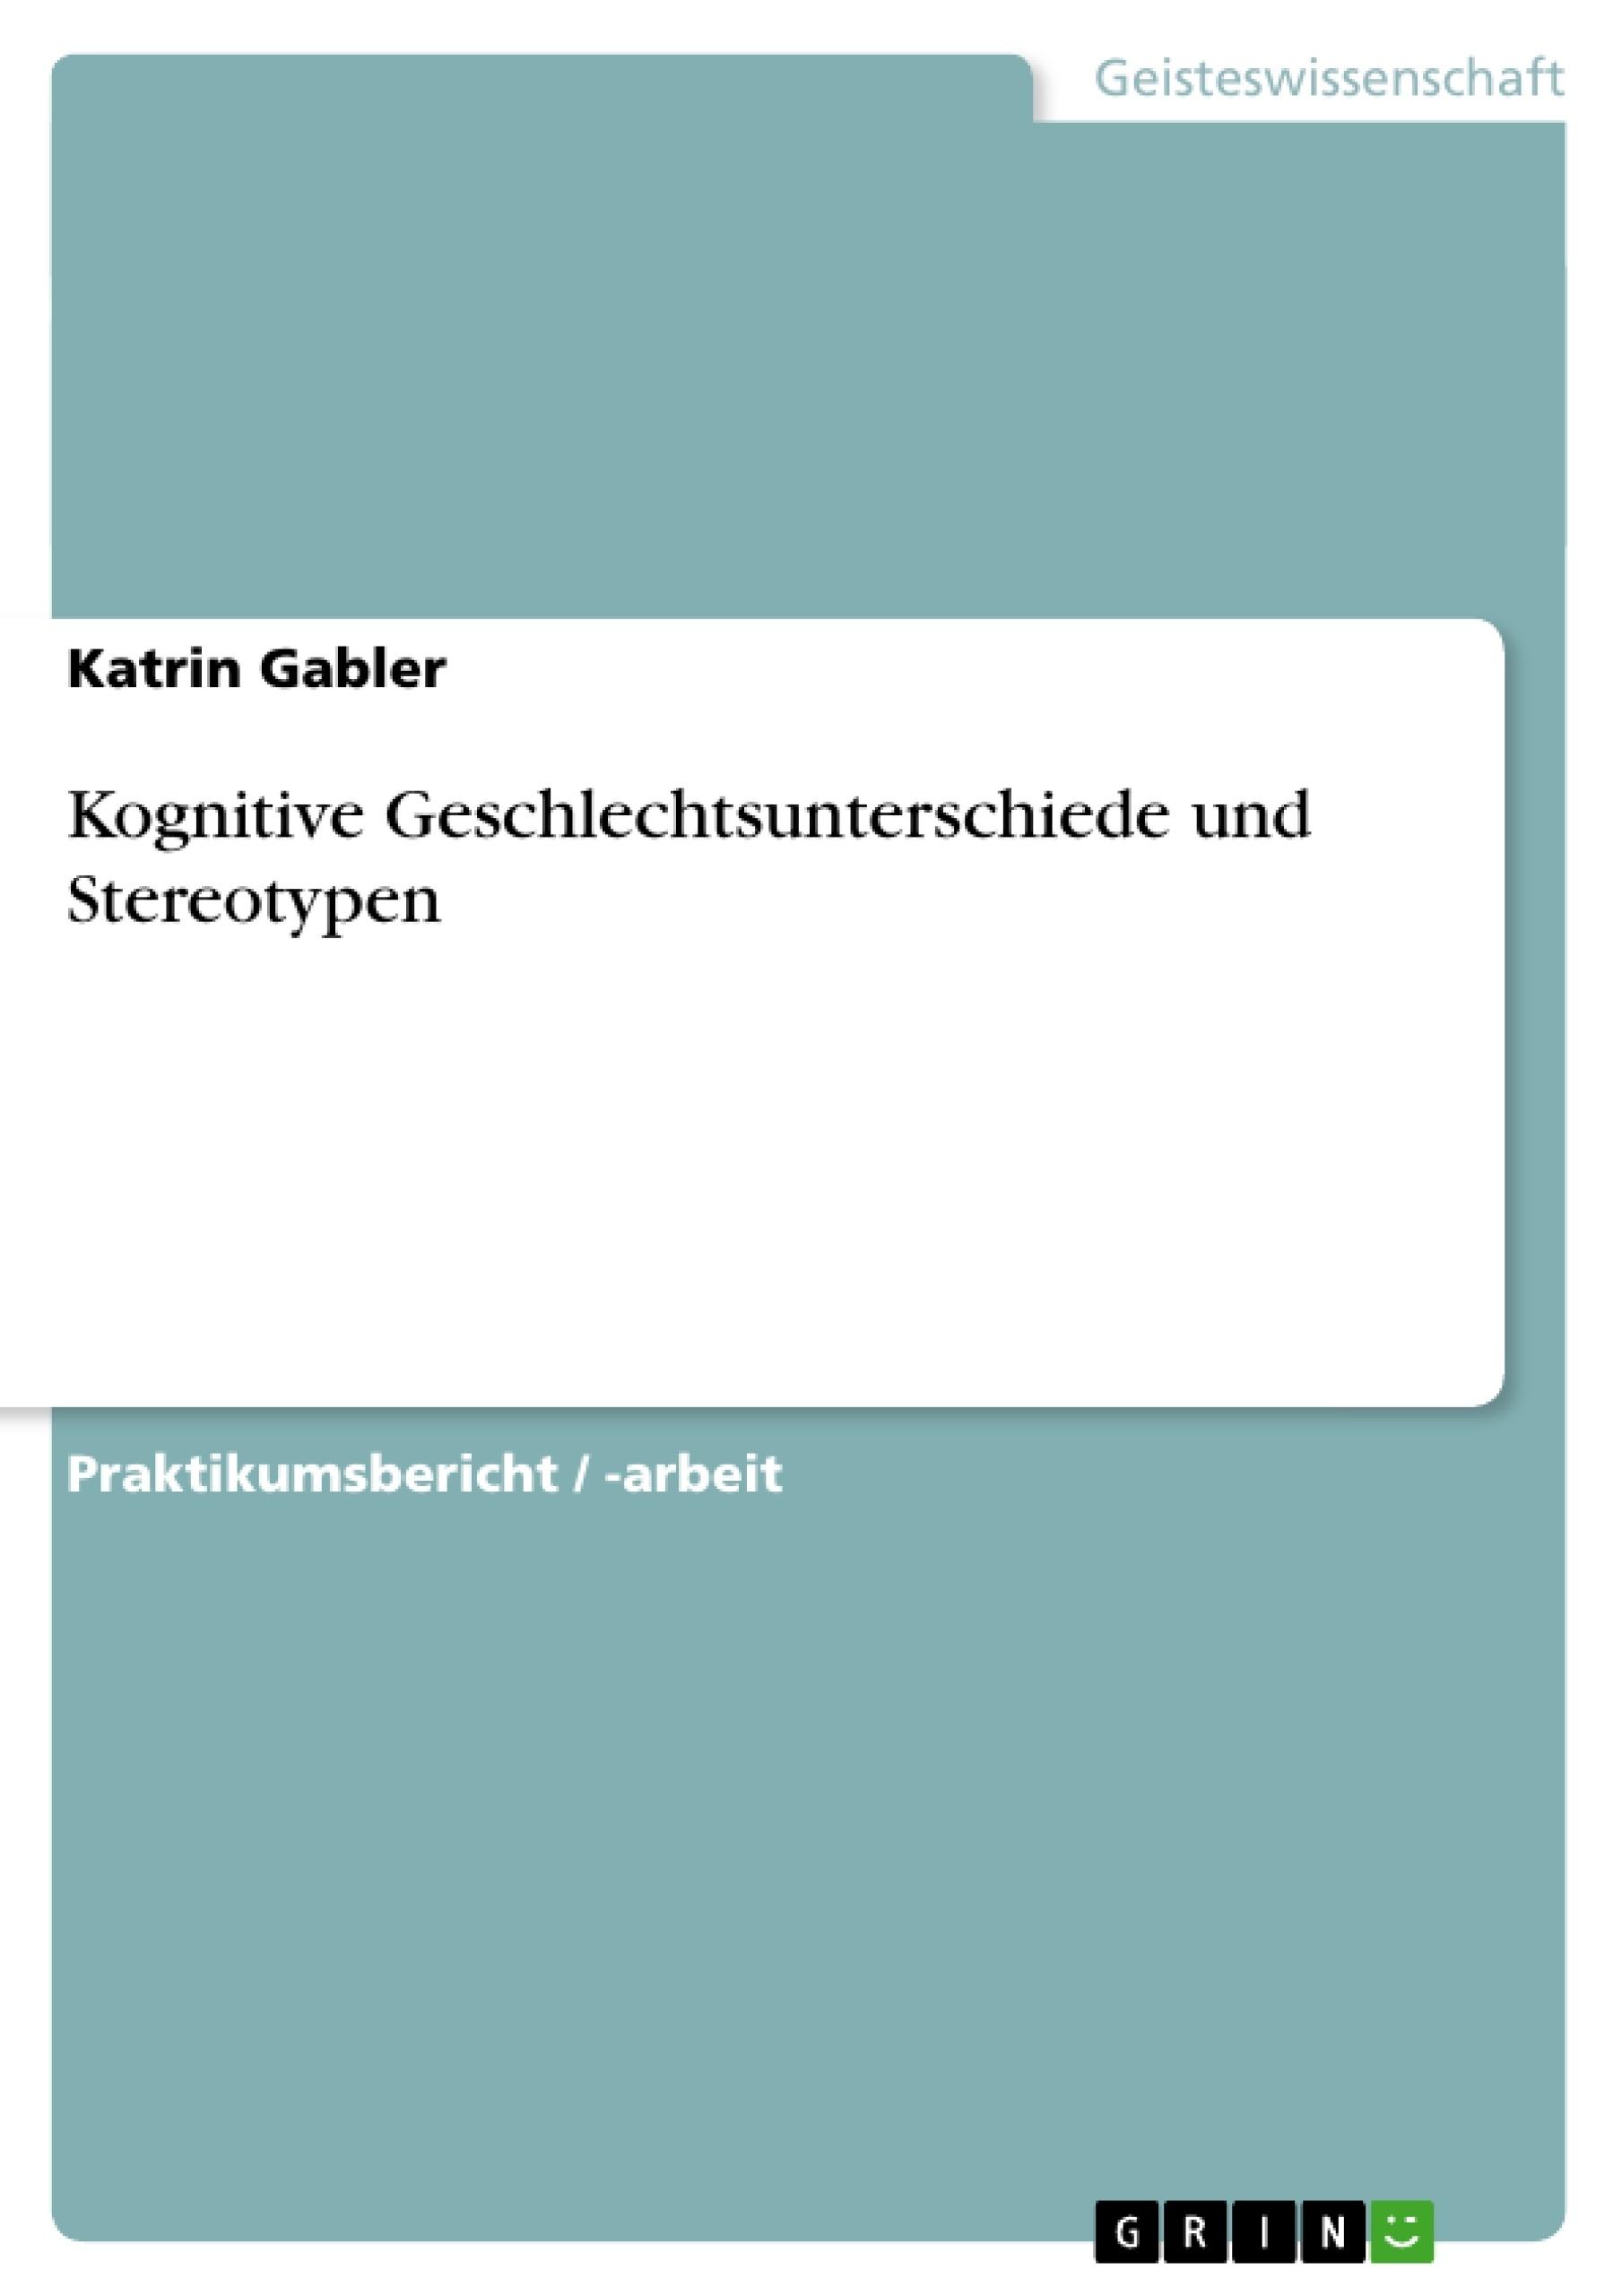 Titel: Kognitive Geschlechtsunterschiede und Stereotypen